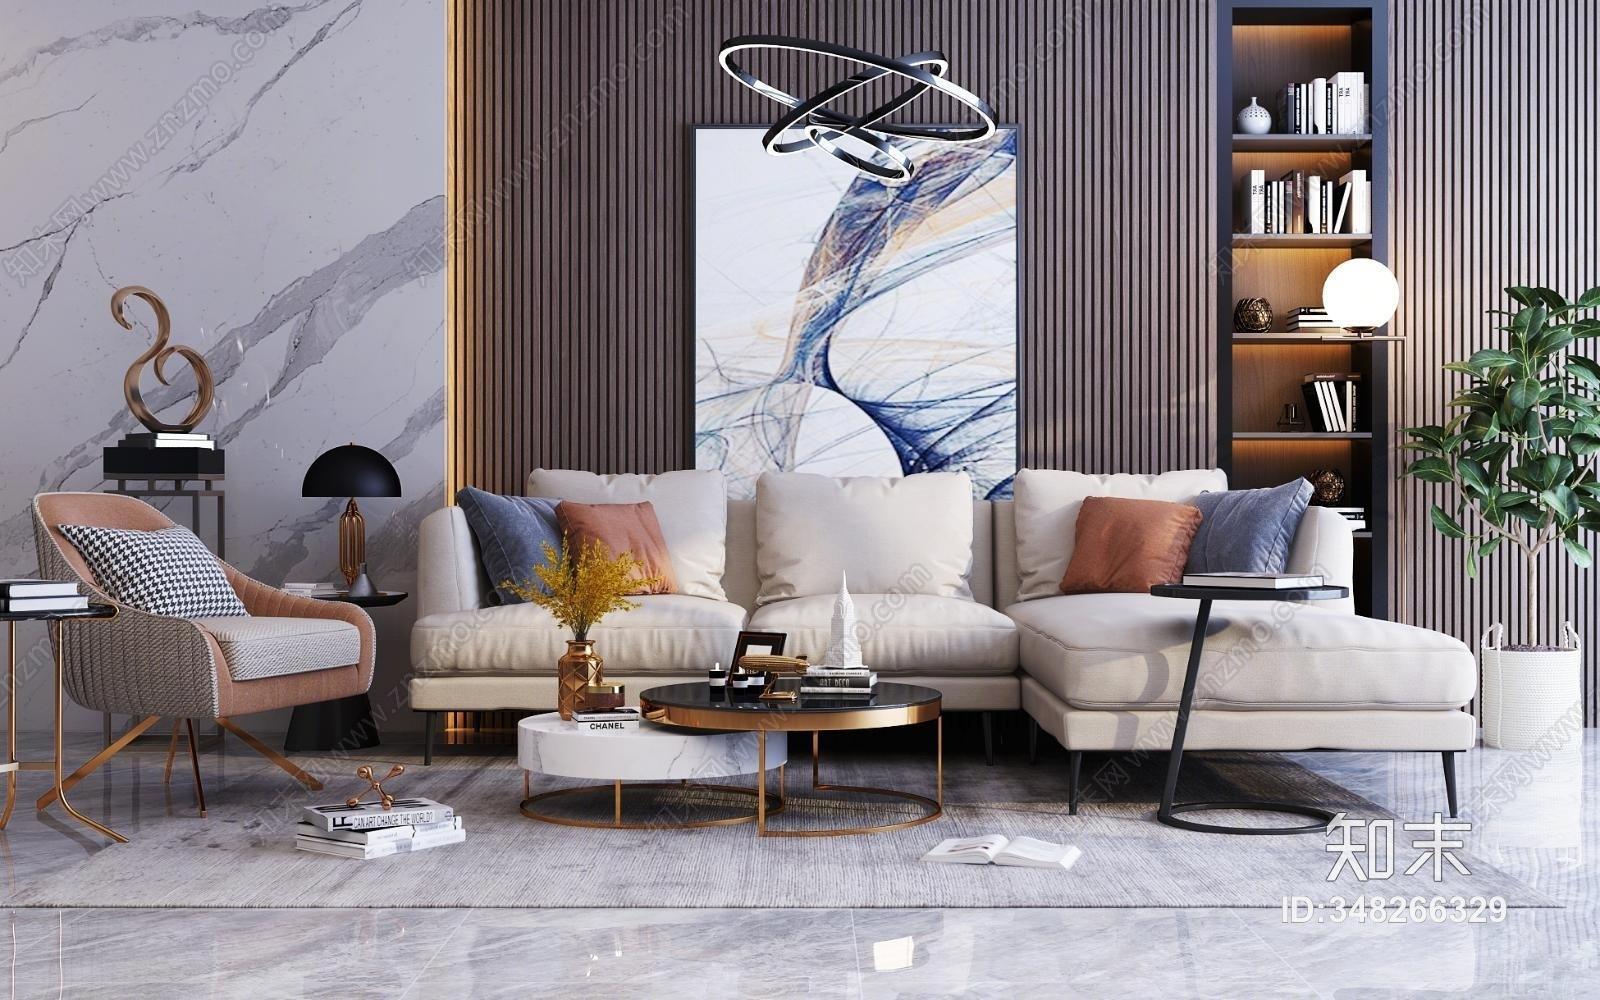 现代轻奢转角沙发茶几组合 休闲椅 挂画摆件 吊灯